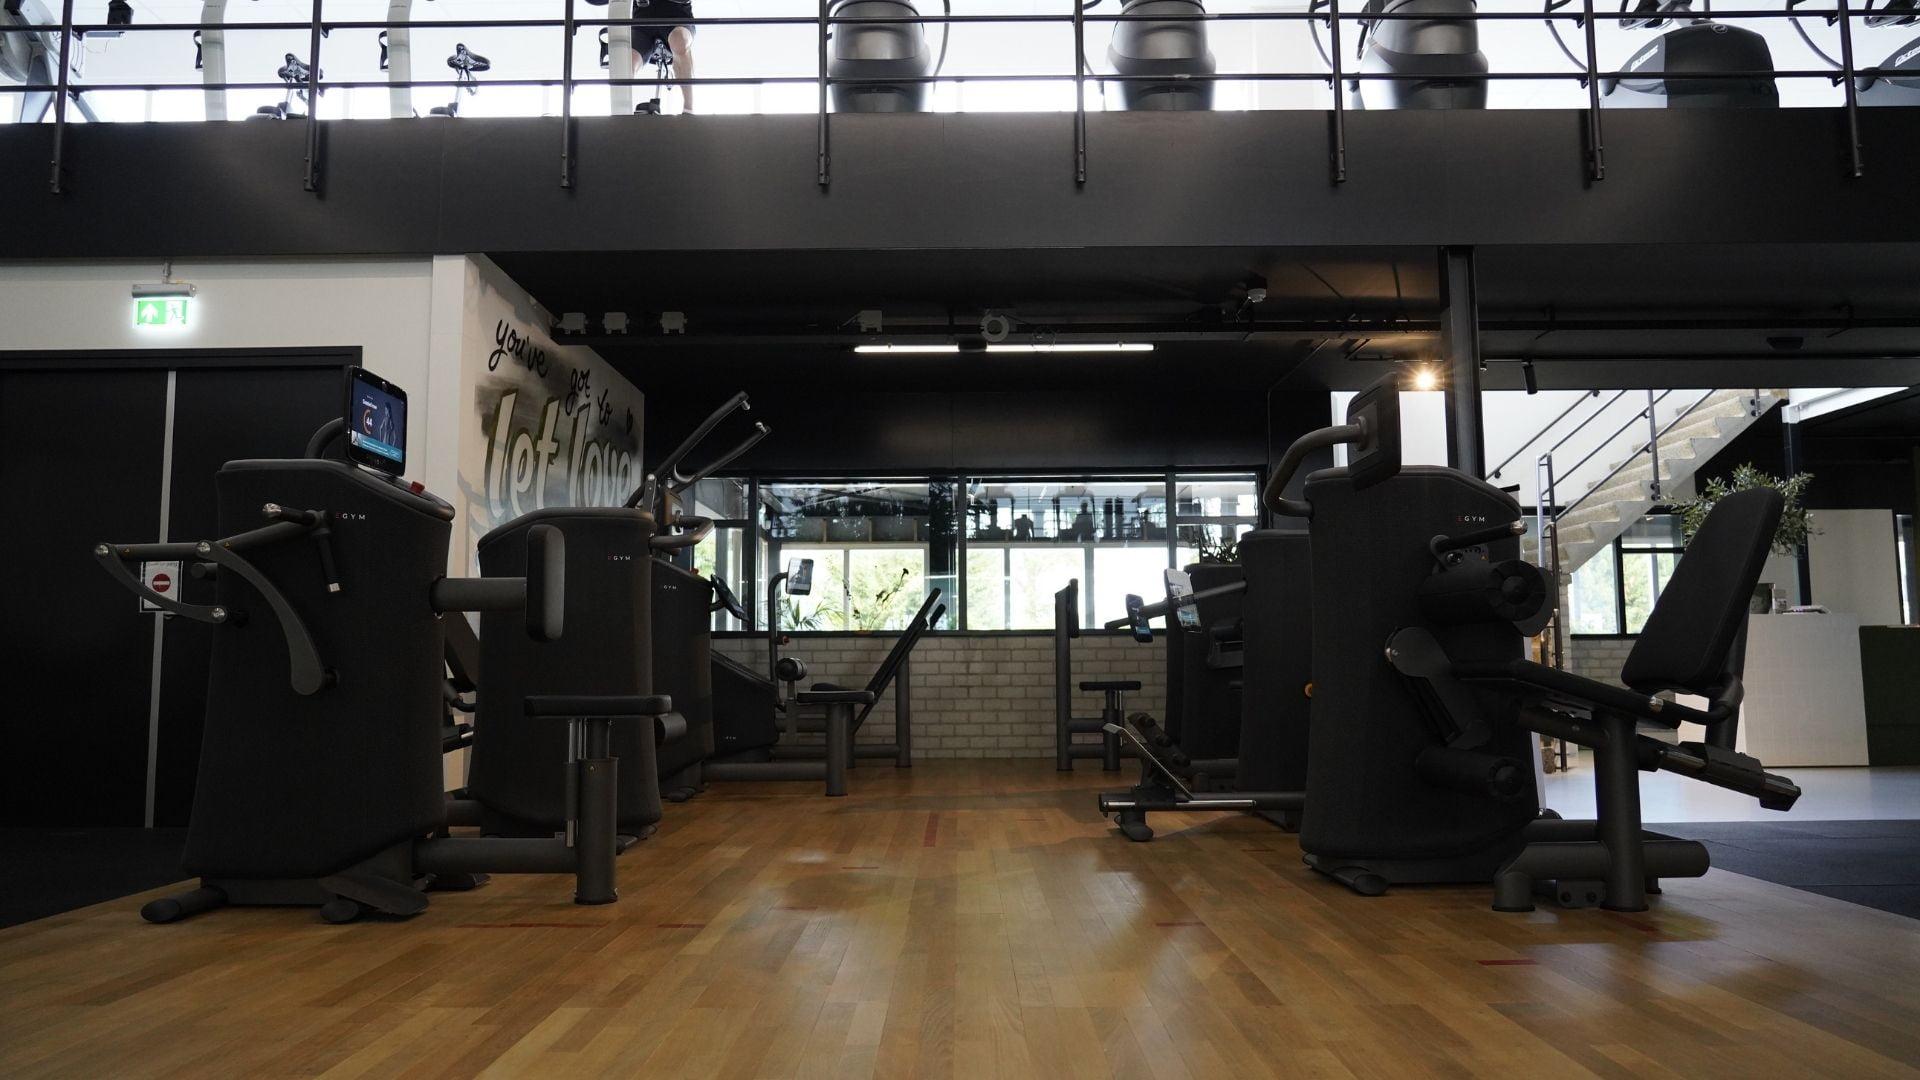 E-Gym Langedijk